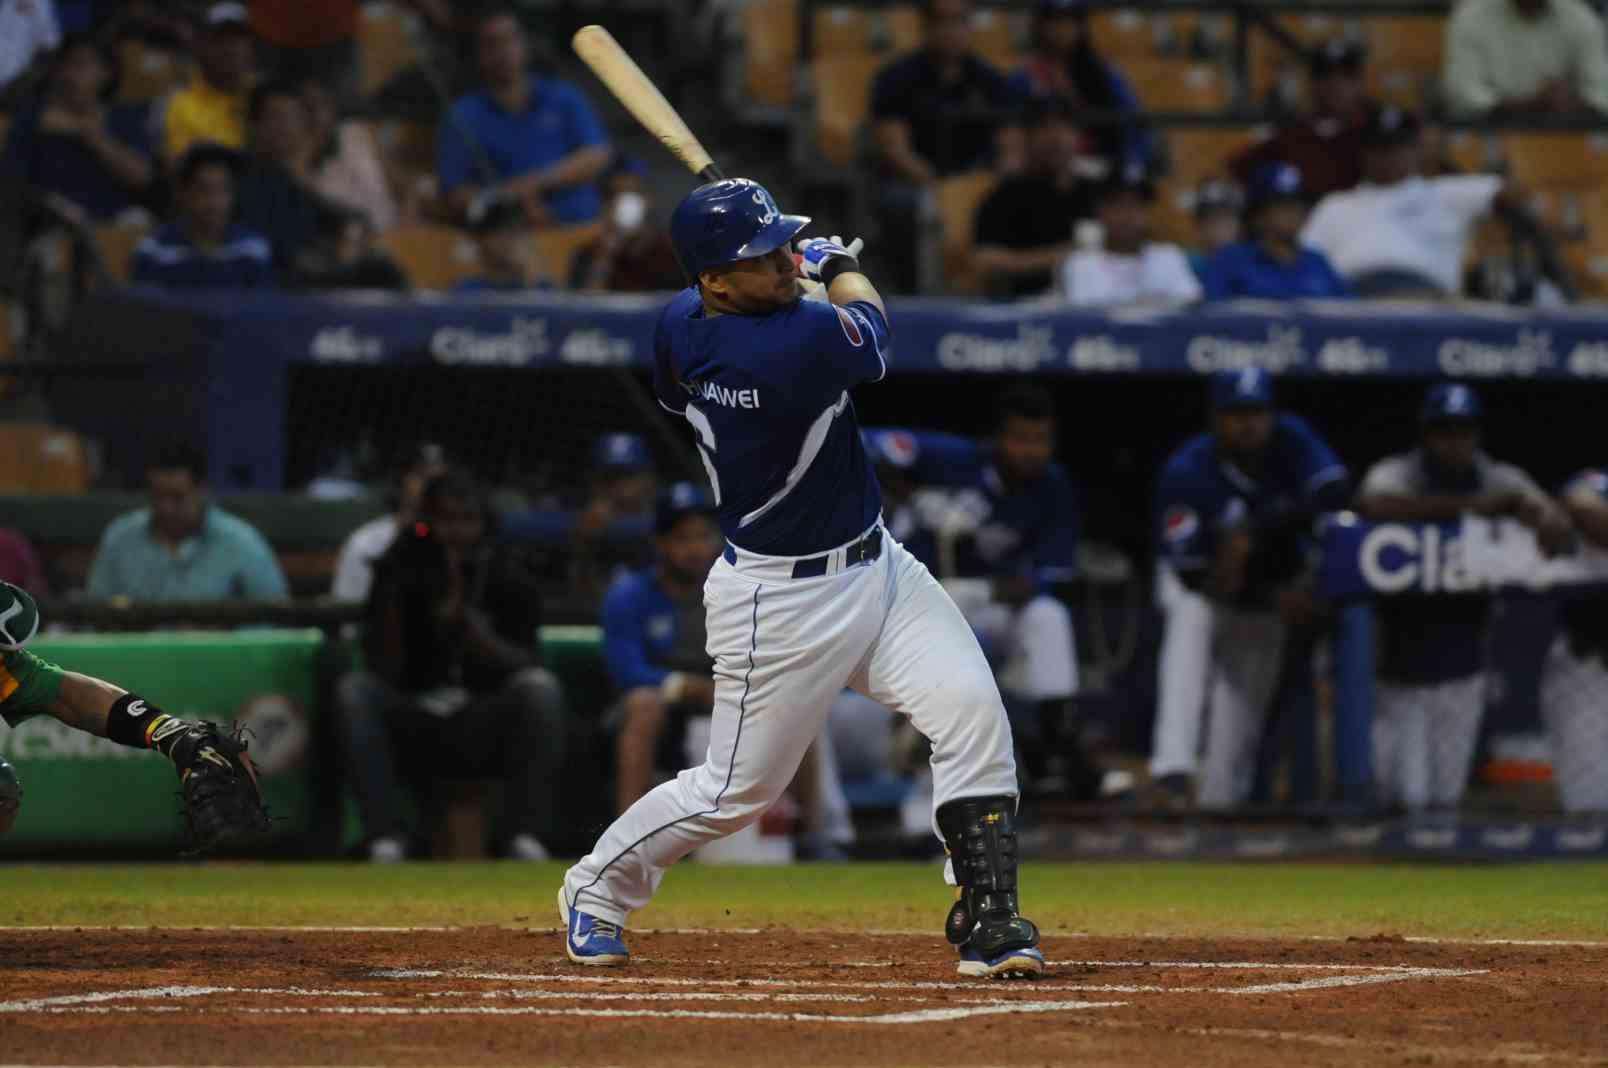 Solano, Jonathan  (vs Estrellas, Nov 8, 2014)